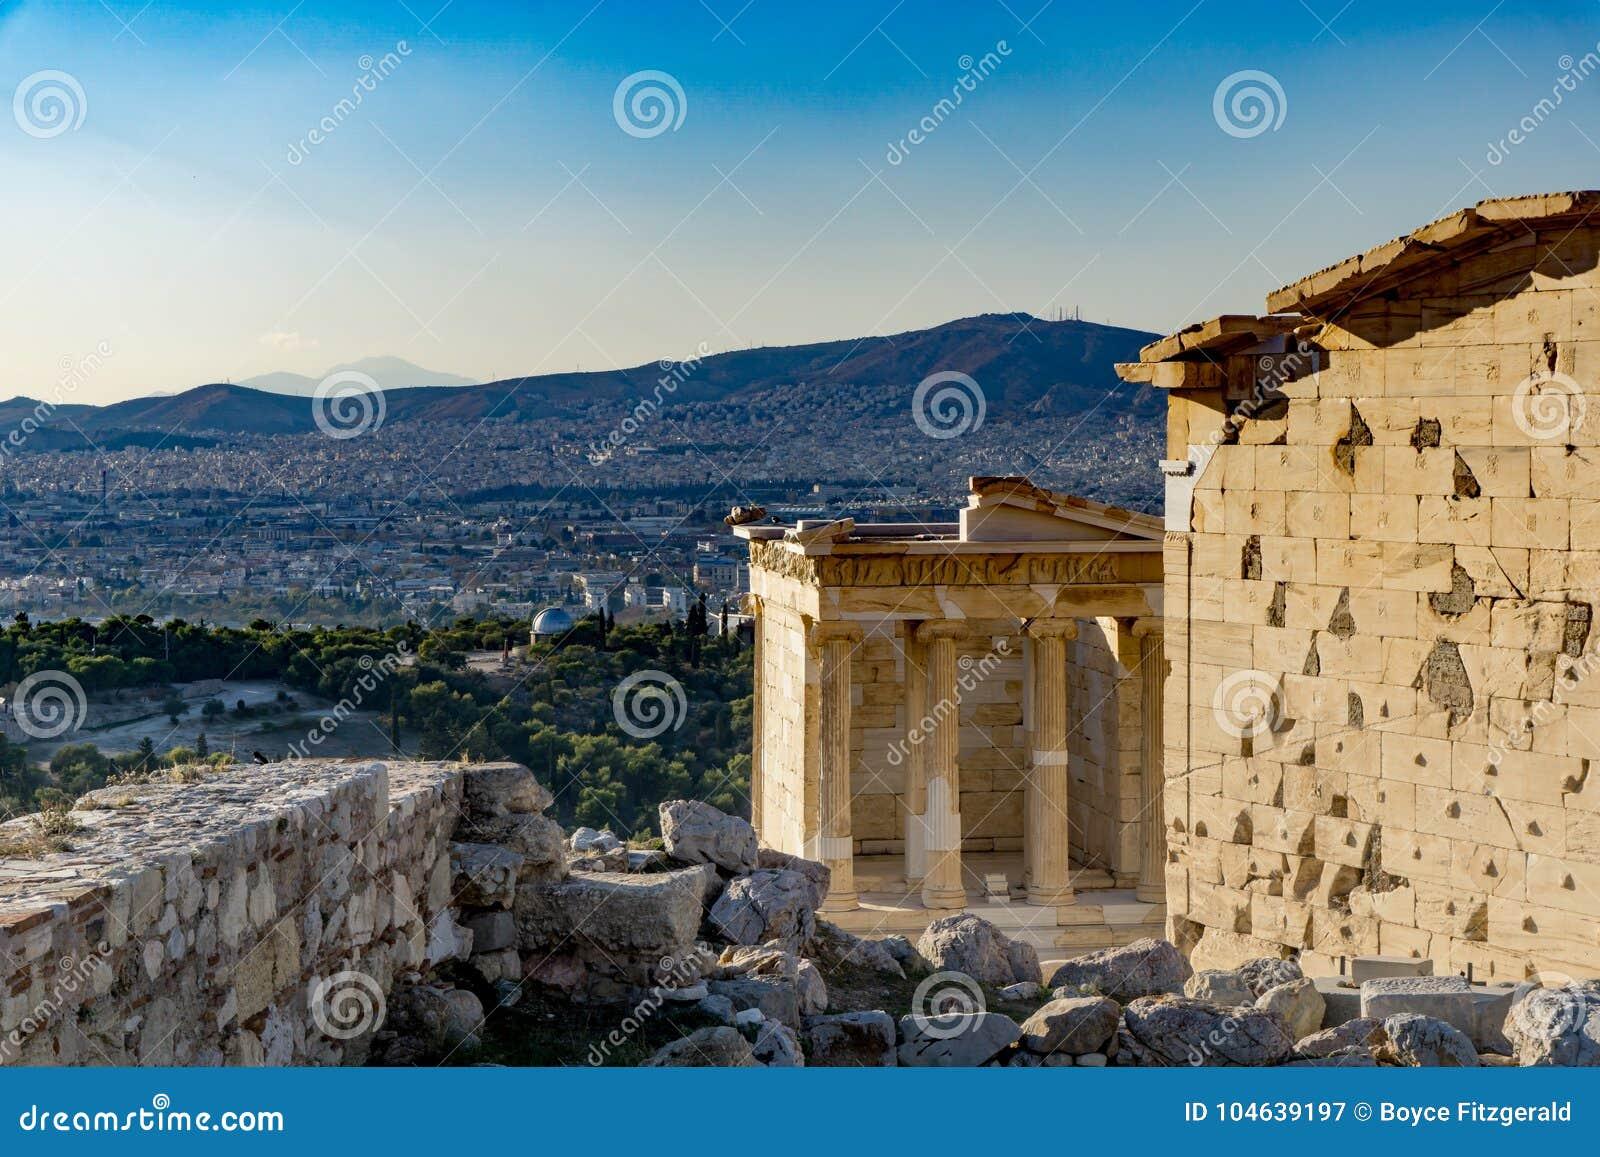 Download Erechtheion Of Erechtheum Zijn Een Oude Griekse Tempel Op De Akropolis Van Athene In Griekenland Stock Afbeelding - Afbeelding bestaande uit parthenon, monument: 104639197